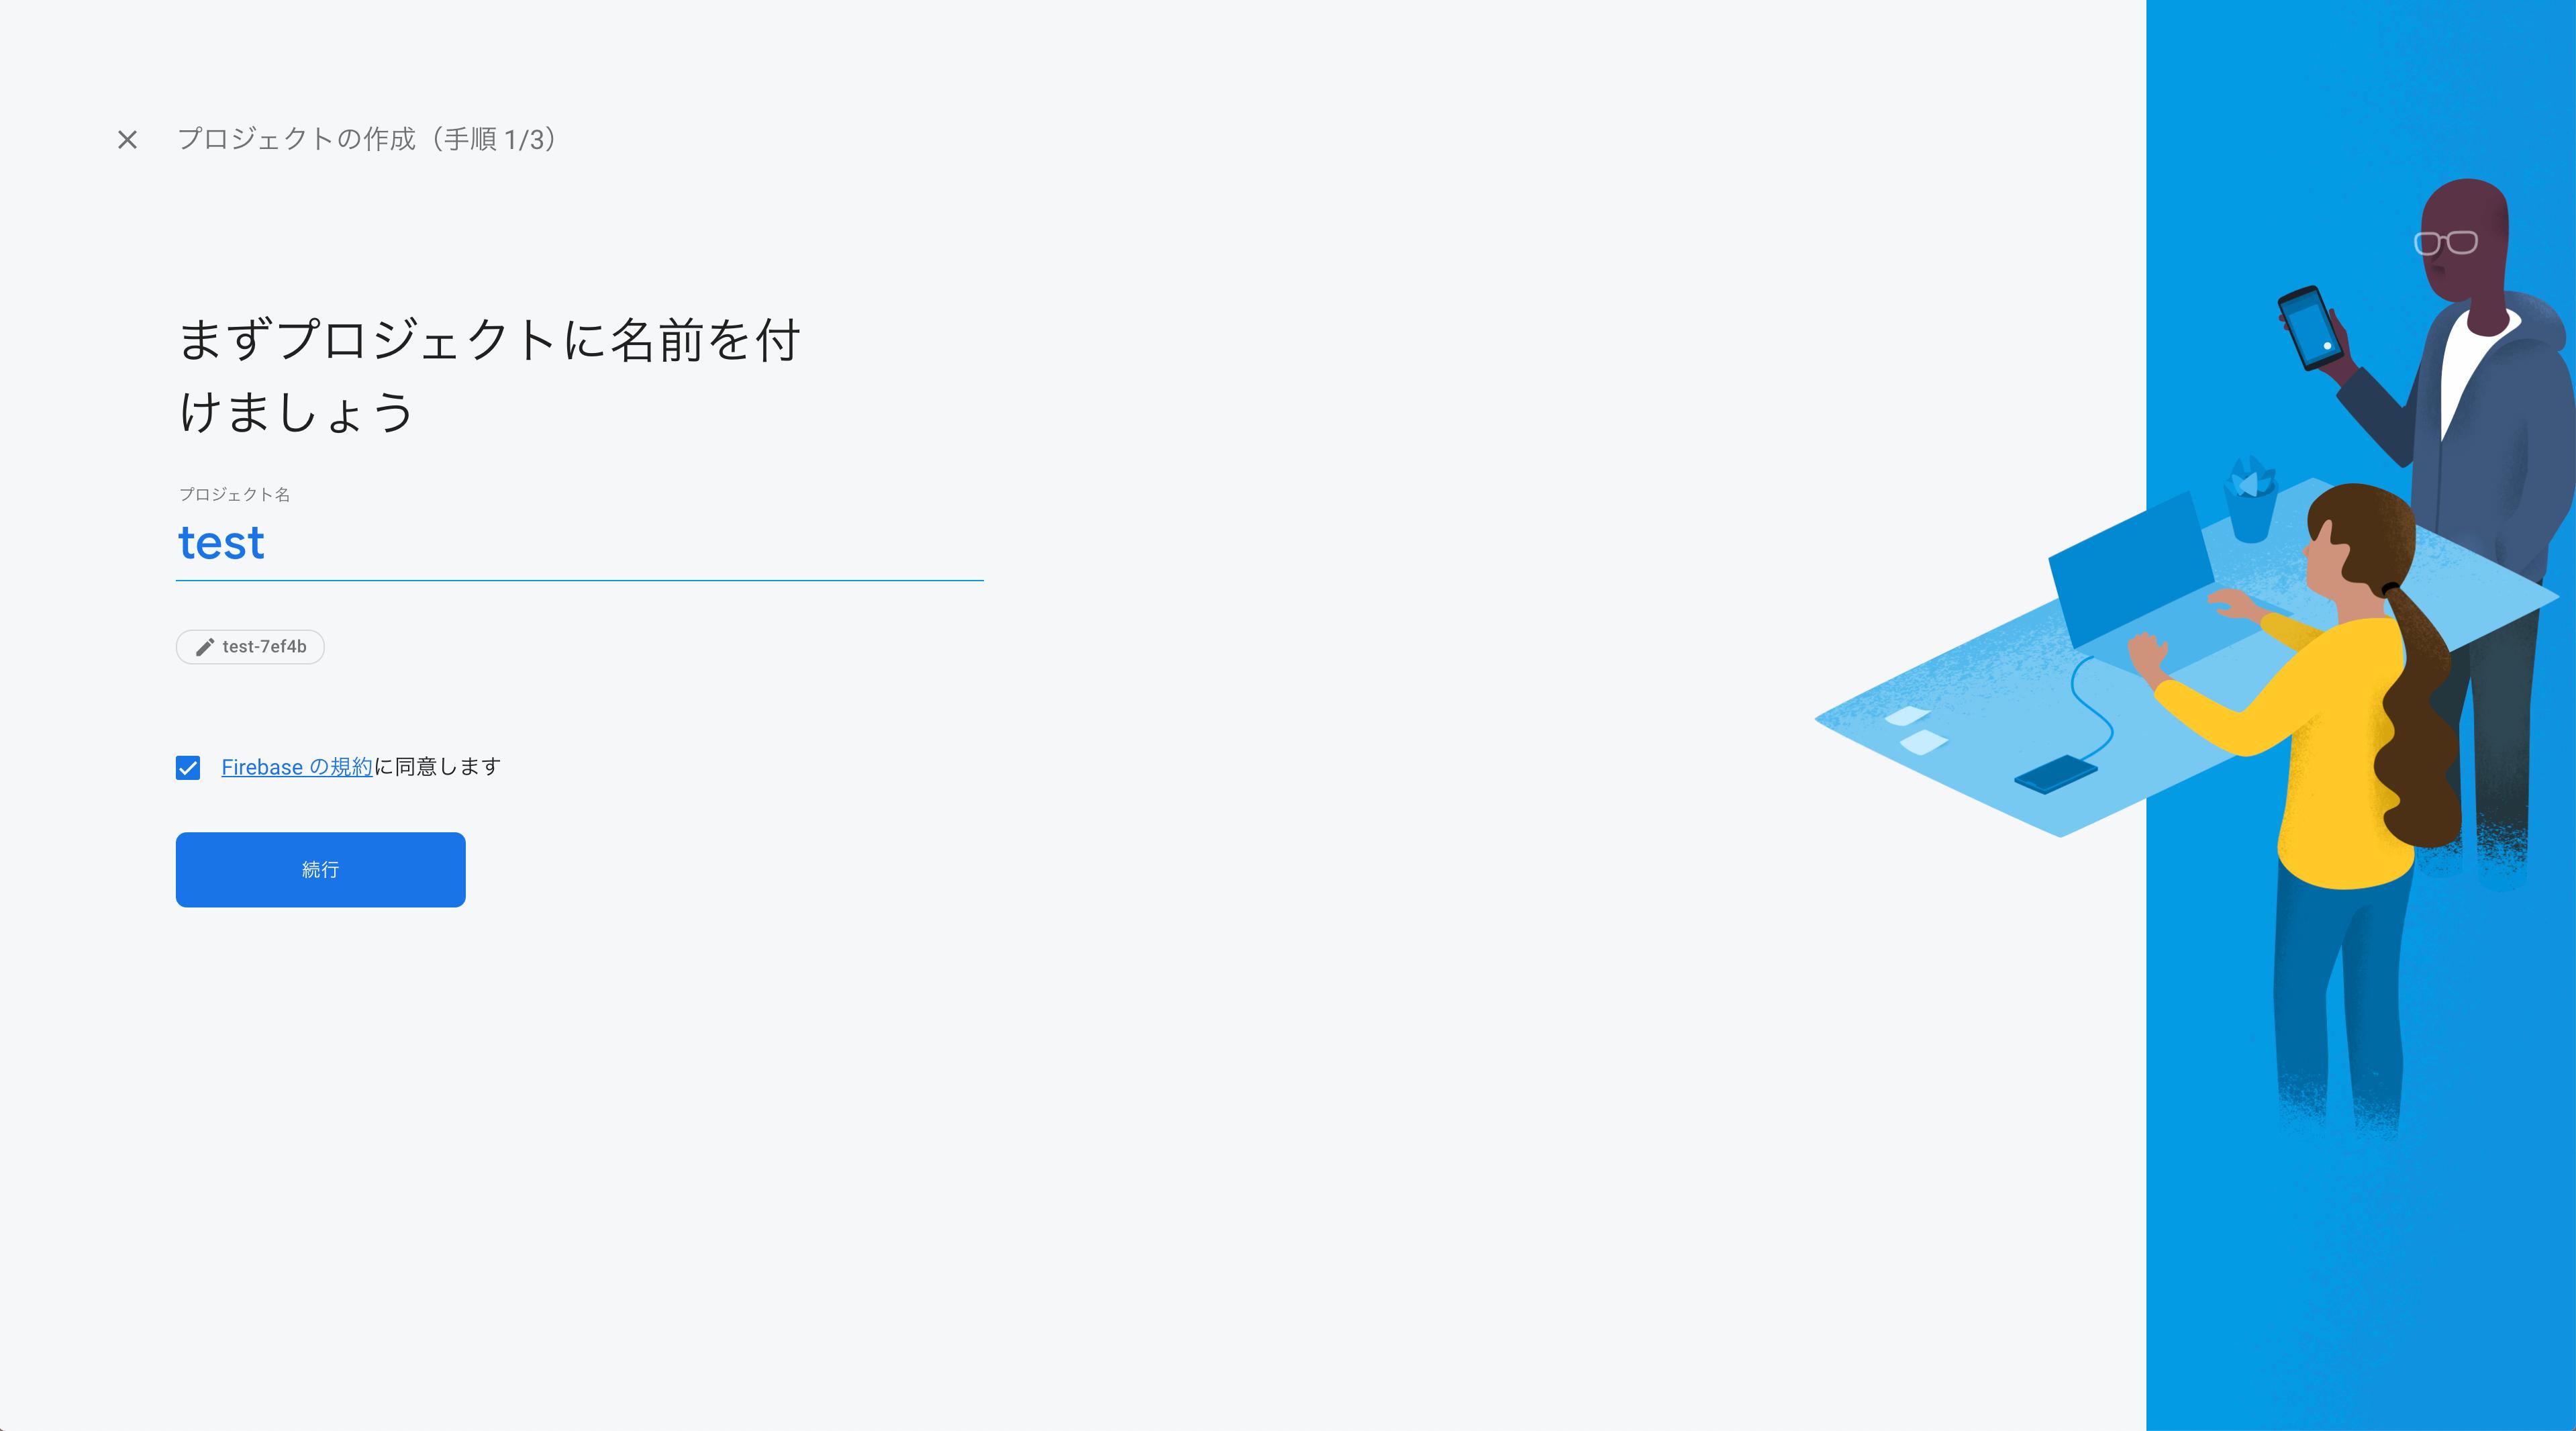 スクリーンショット 2020-01-02 18.14.28.png